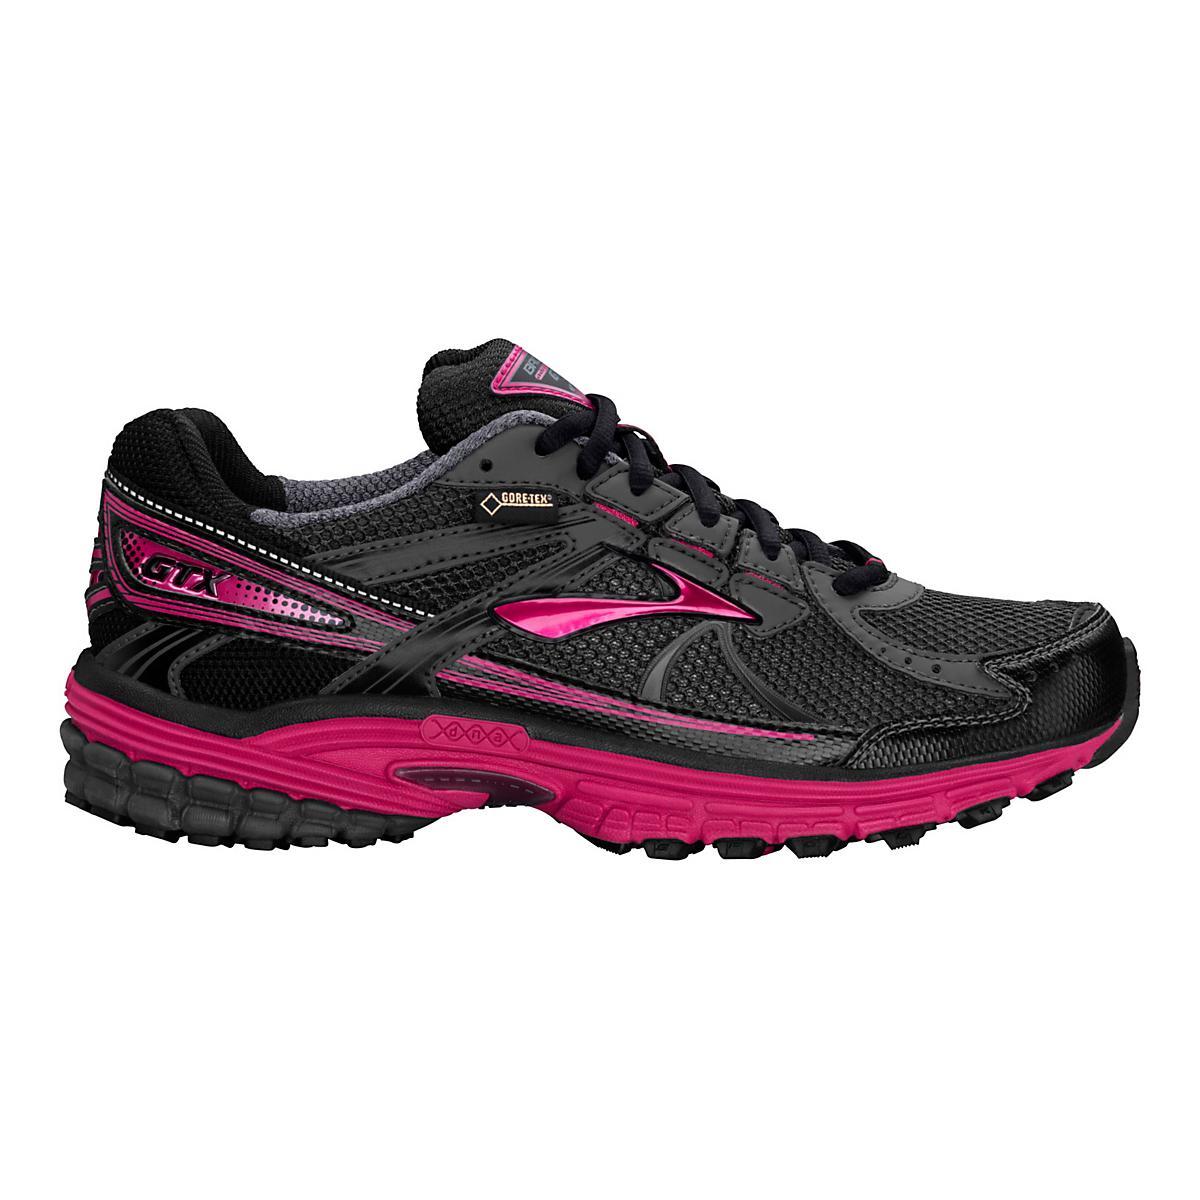 615053a375c8e Womens Brooks Adrenaline ASR 10 GTX Running Shoe at Road Runner Sports